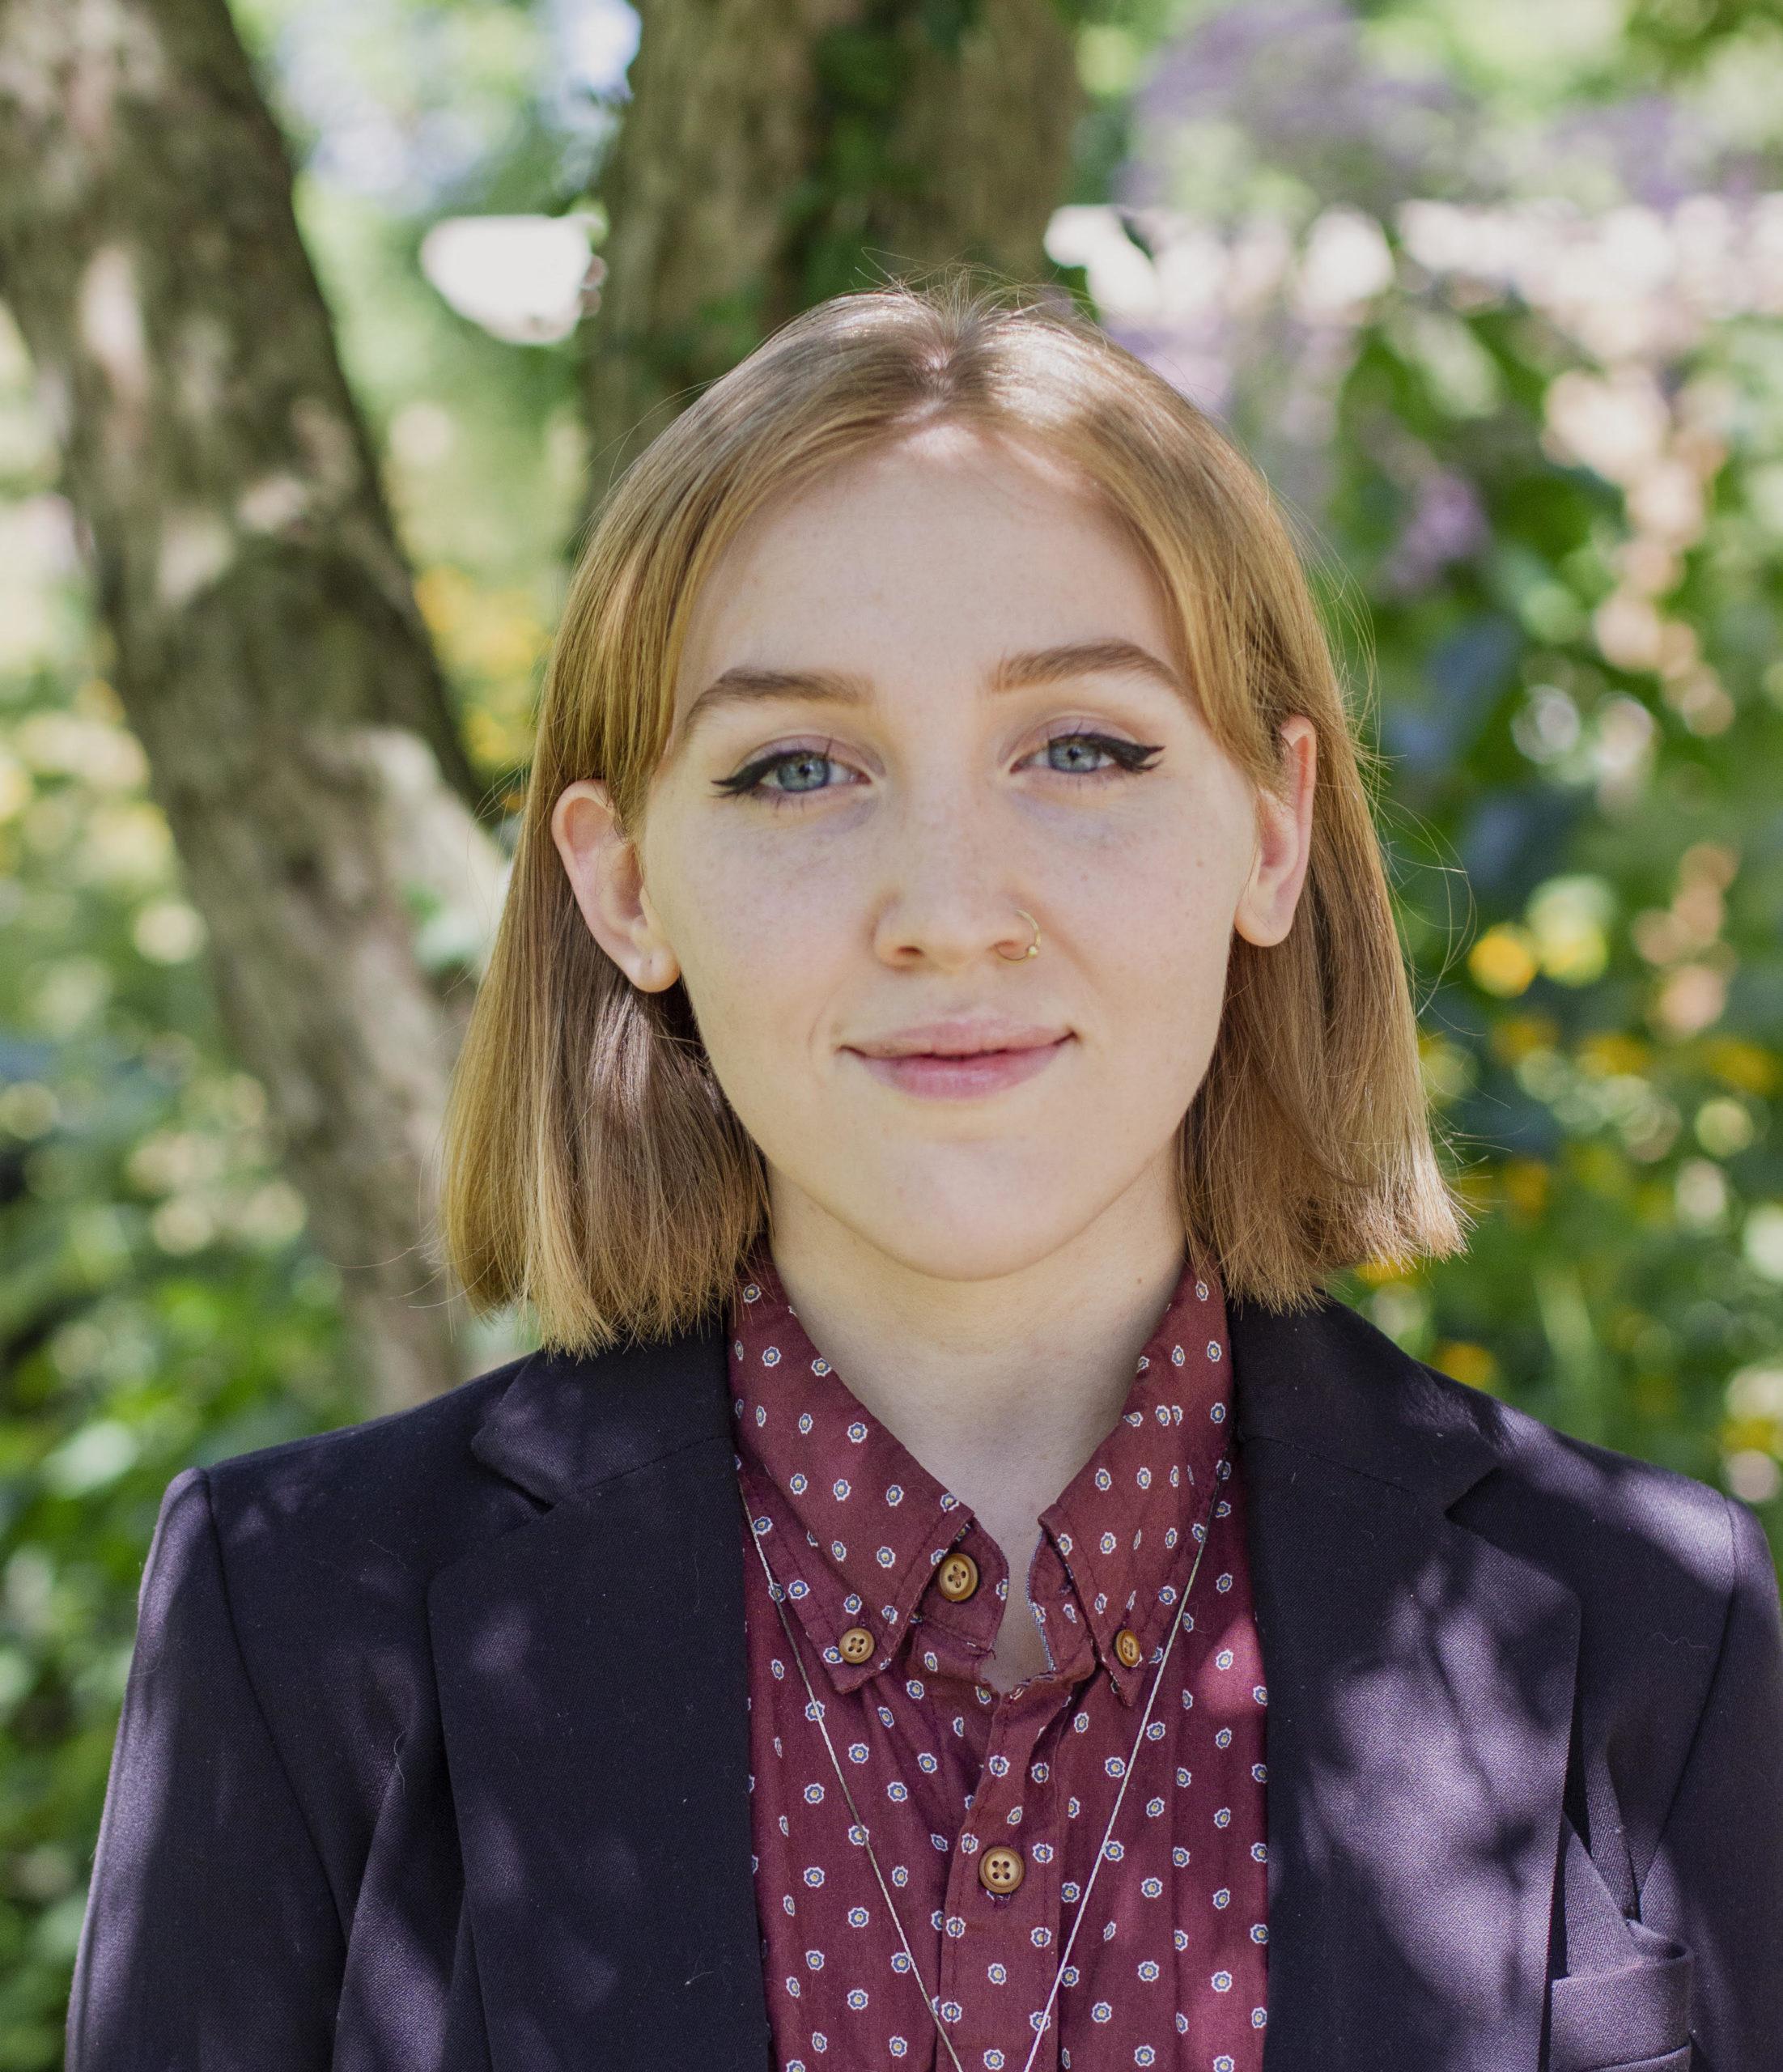 Emma Steele